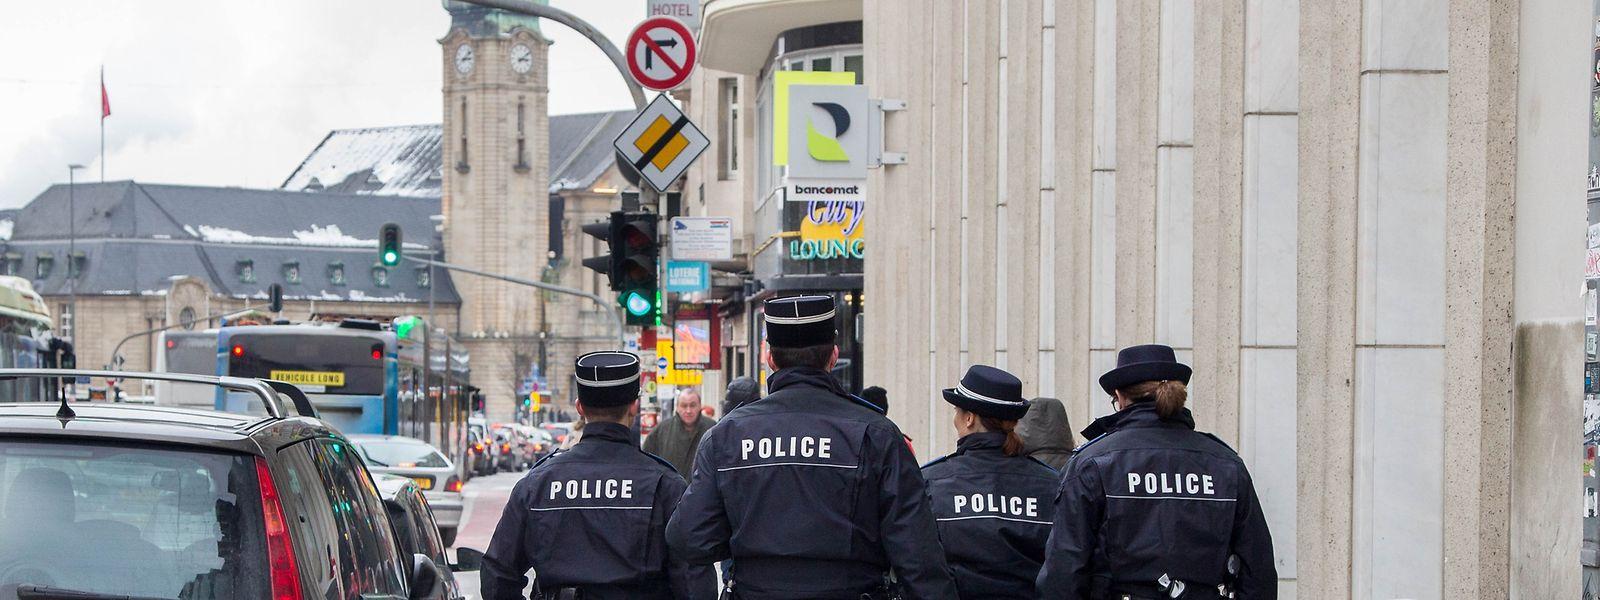 Auch am Nationalfeiertag hatte die Polizei alle Hände voll zu tun.